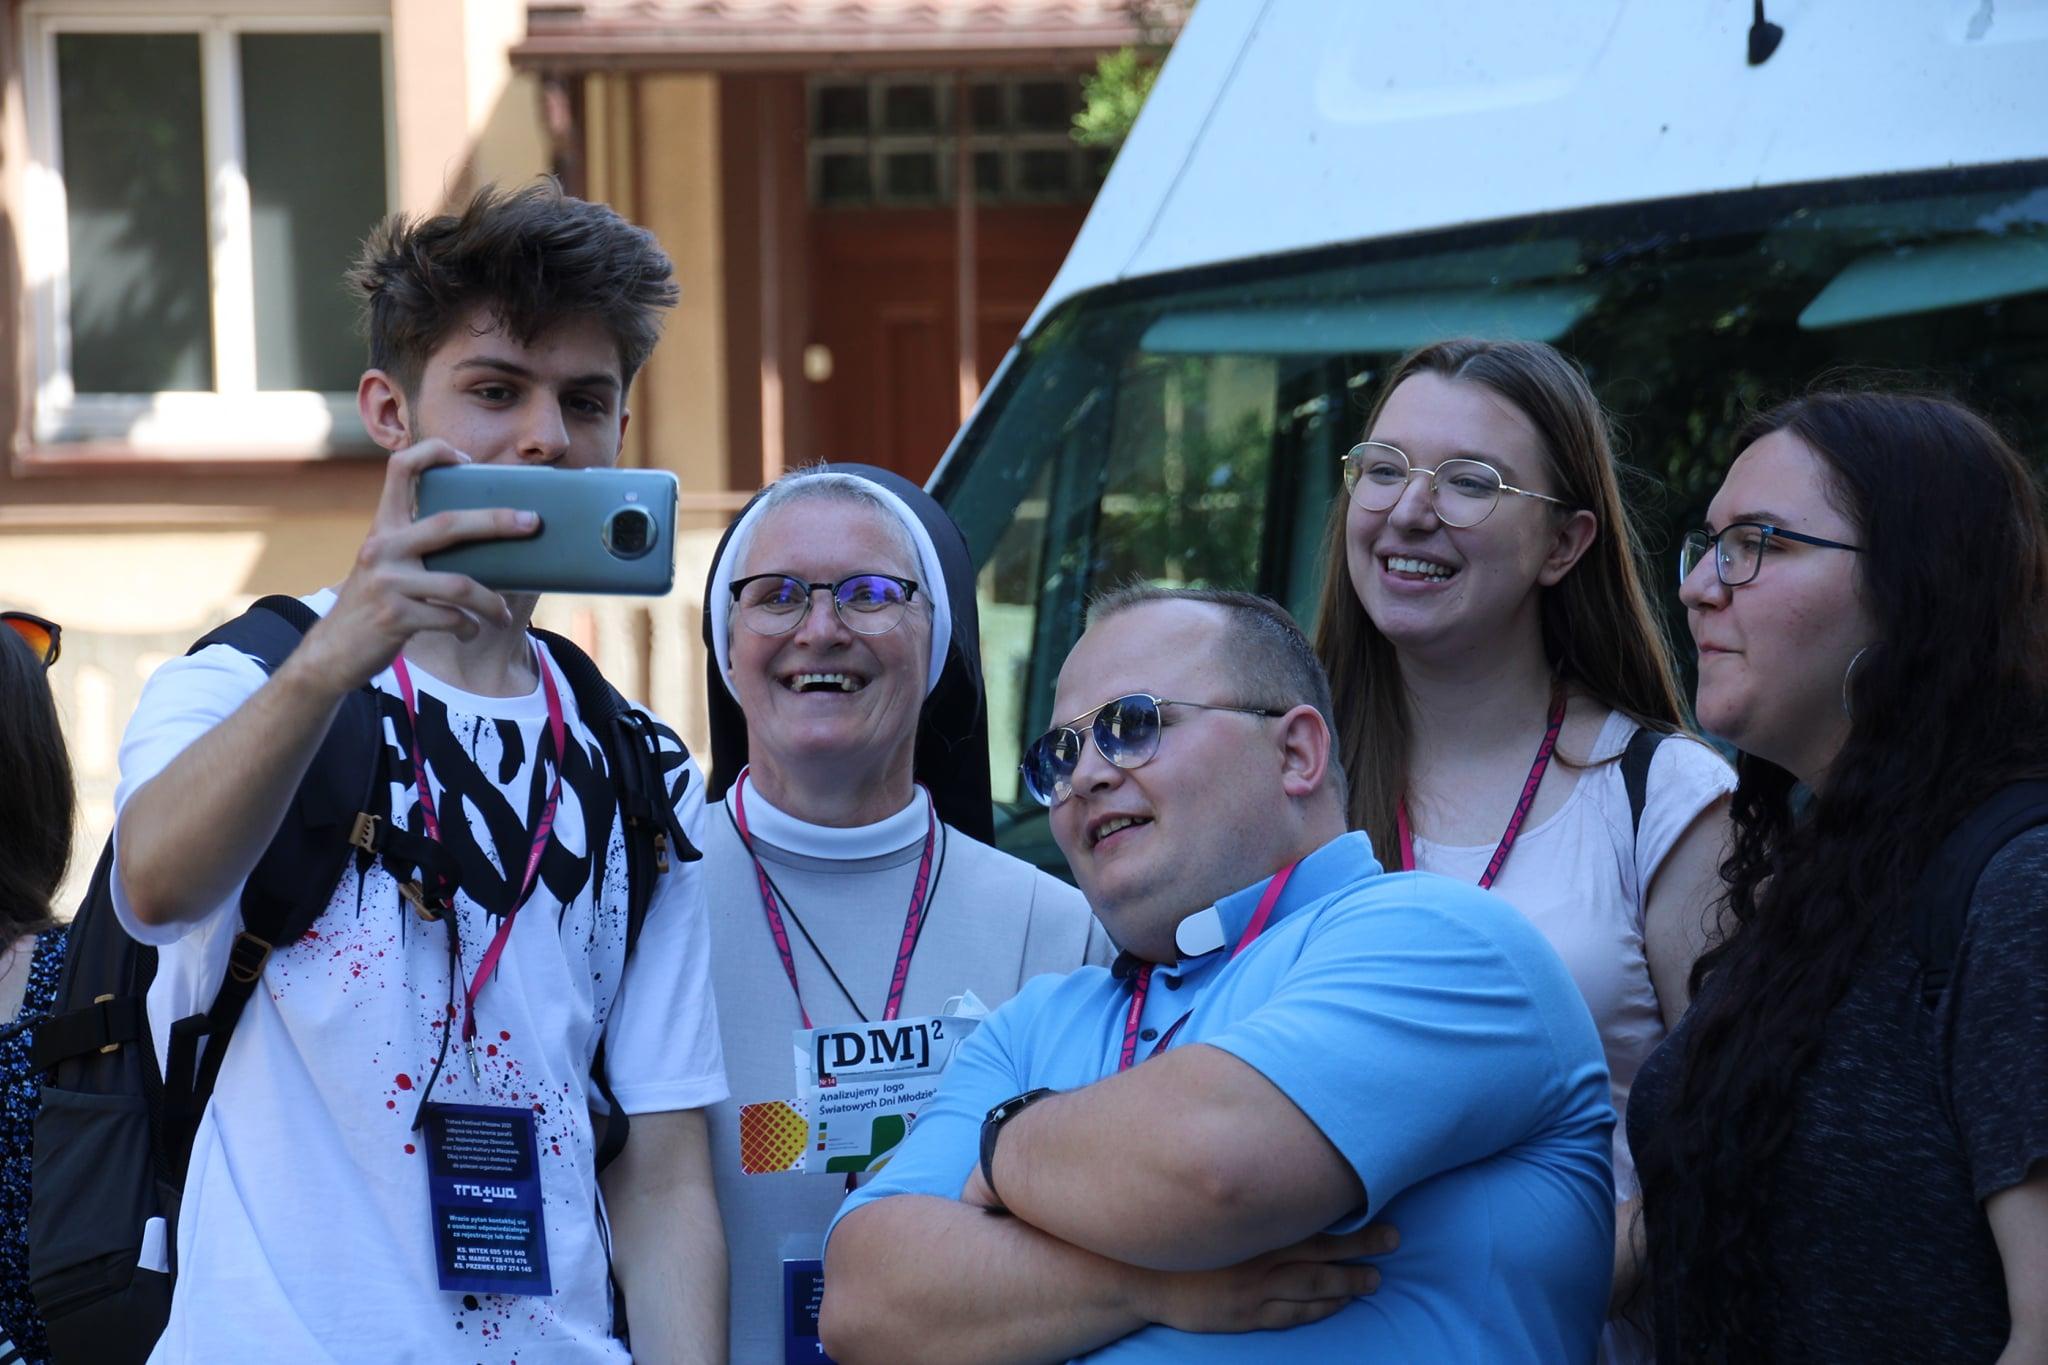 Tratwa Festiwal 2021. Młodzież z diecezji kaliskiej przyjechała do Pleszewa [ZDJĘCIA] - Zdjęcie główne